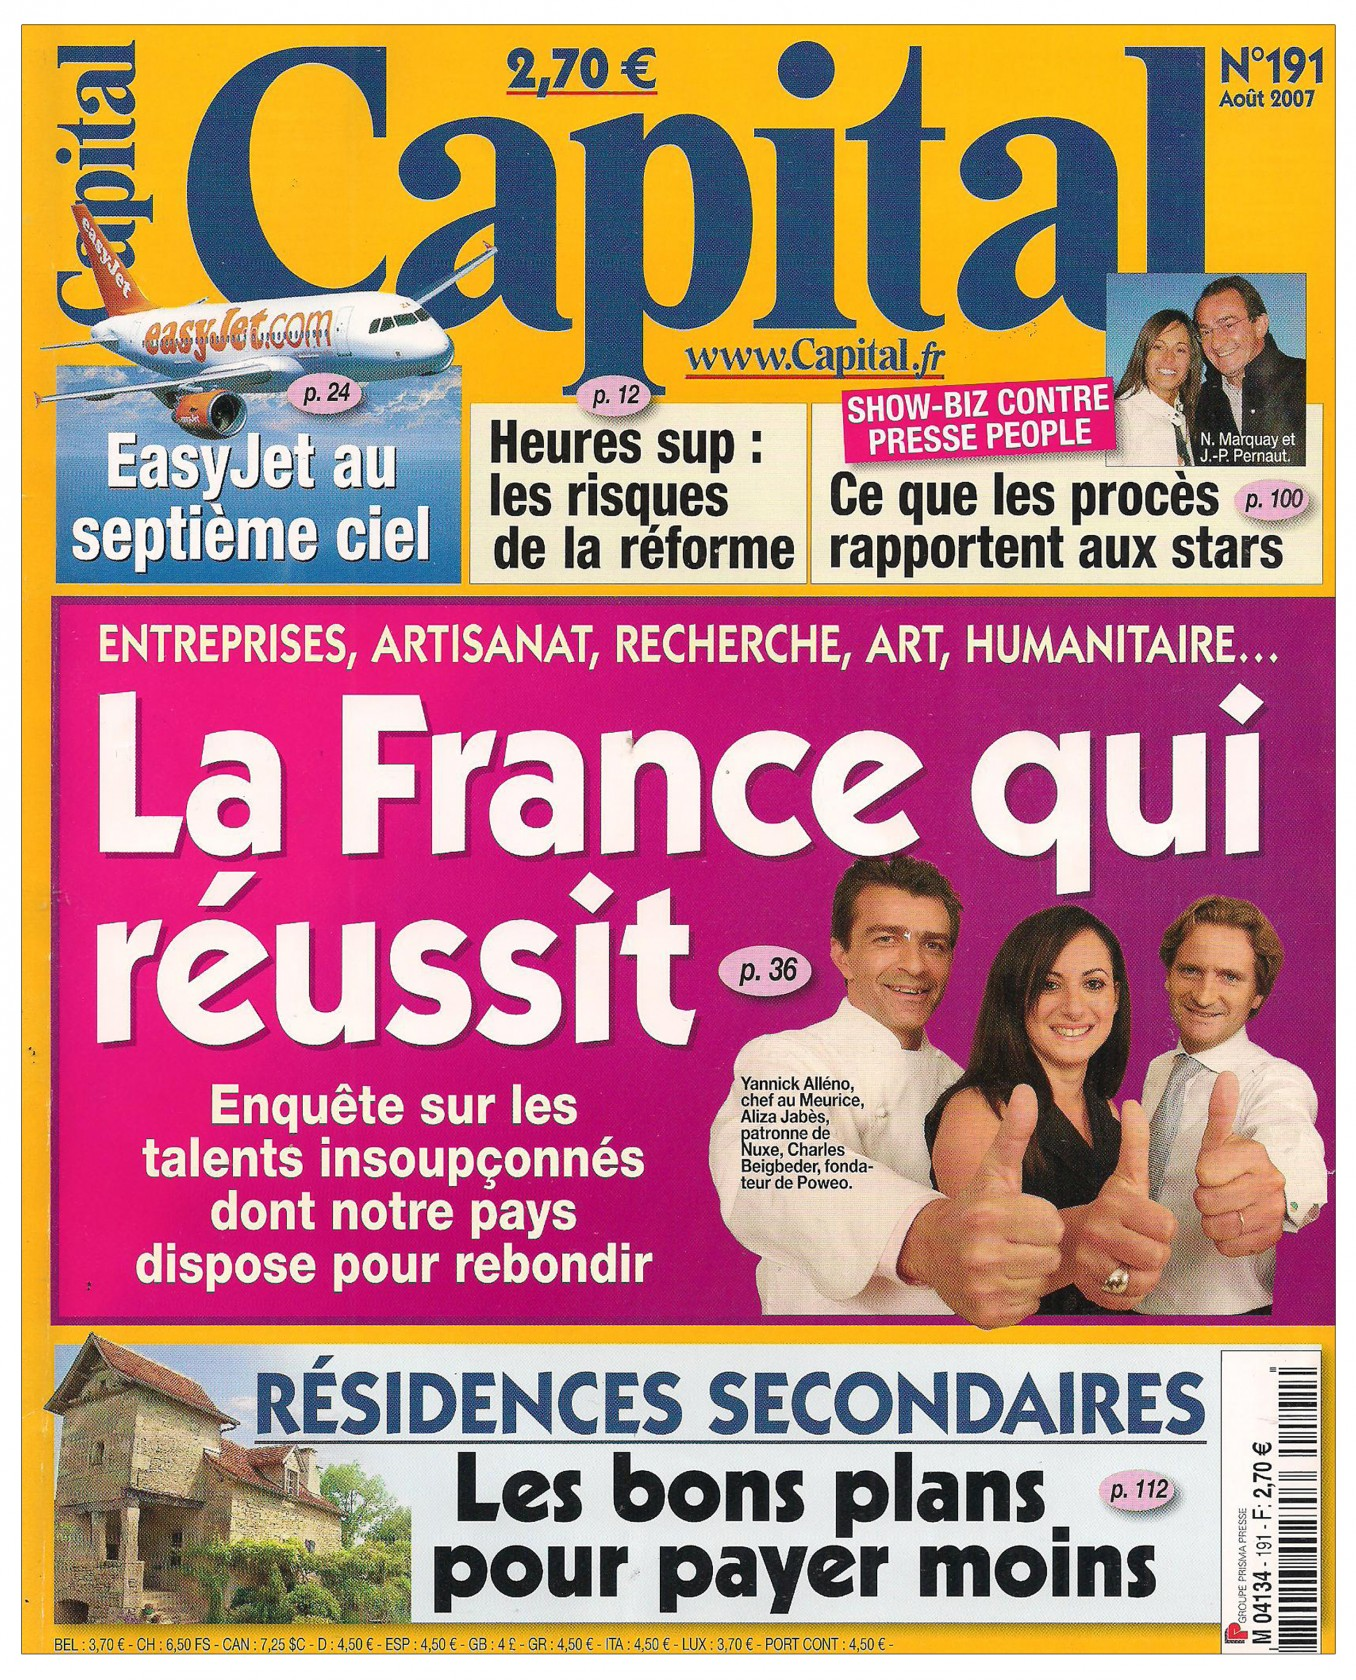 Ludovic AVENEL : ébéniste créateur - Ludovic_Avenel_press_capital_ebeniste_créateur_design_sur mesure_1